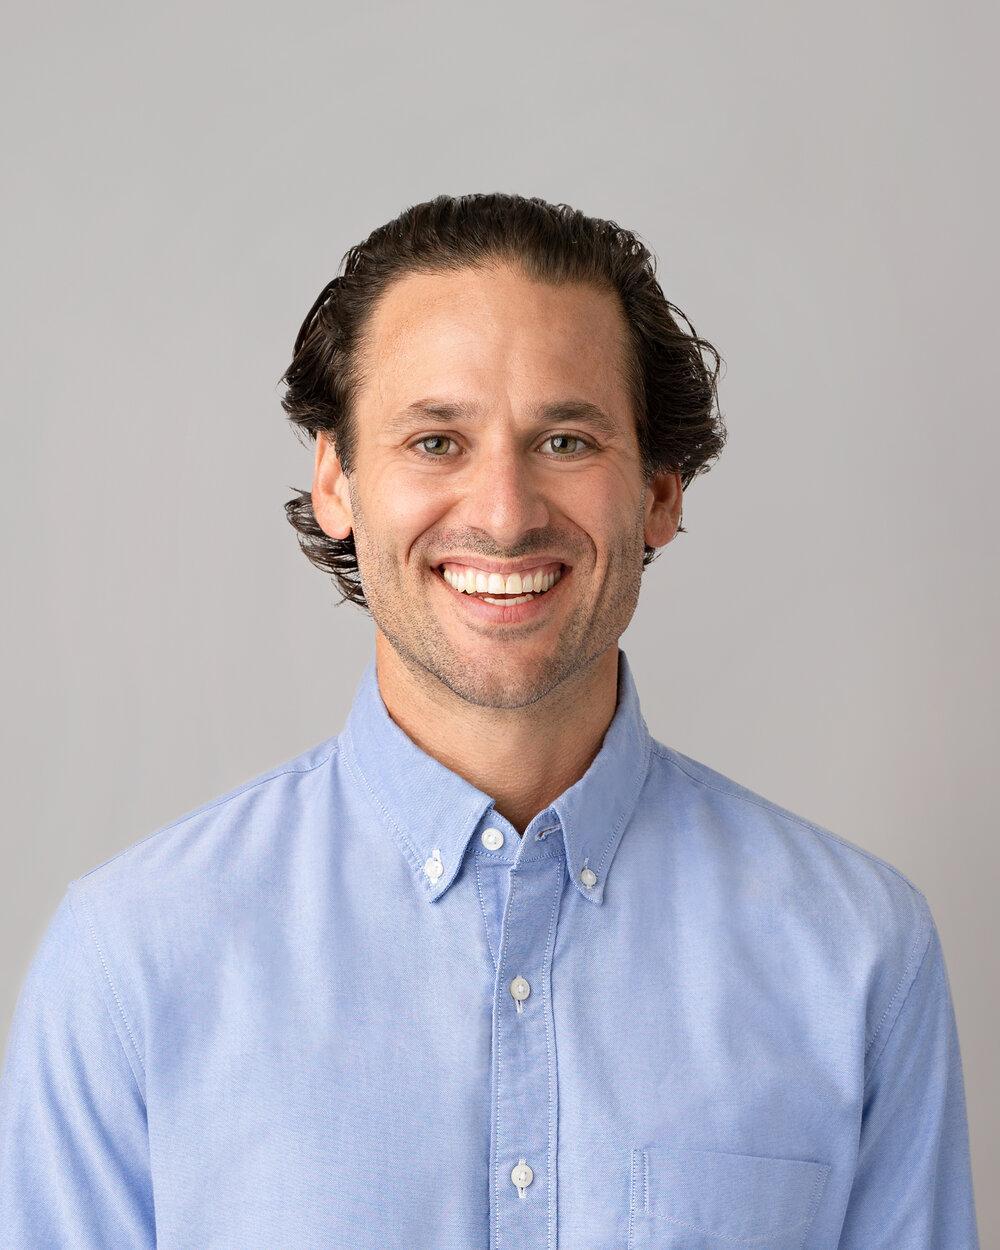 Jason Krutzsch